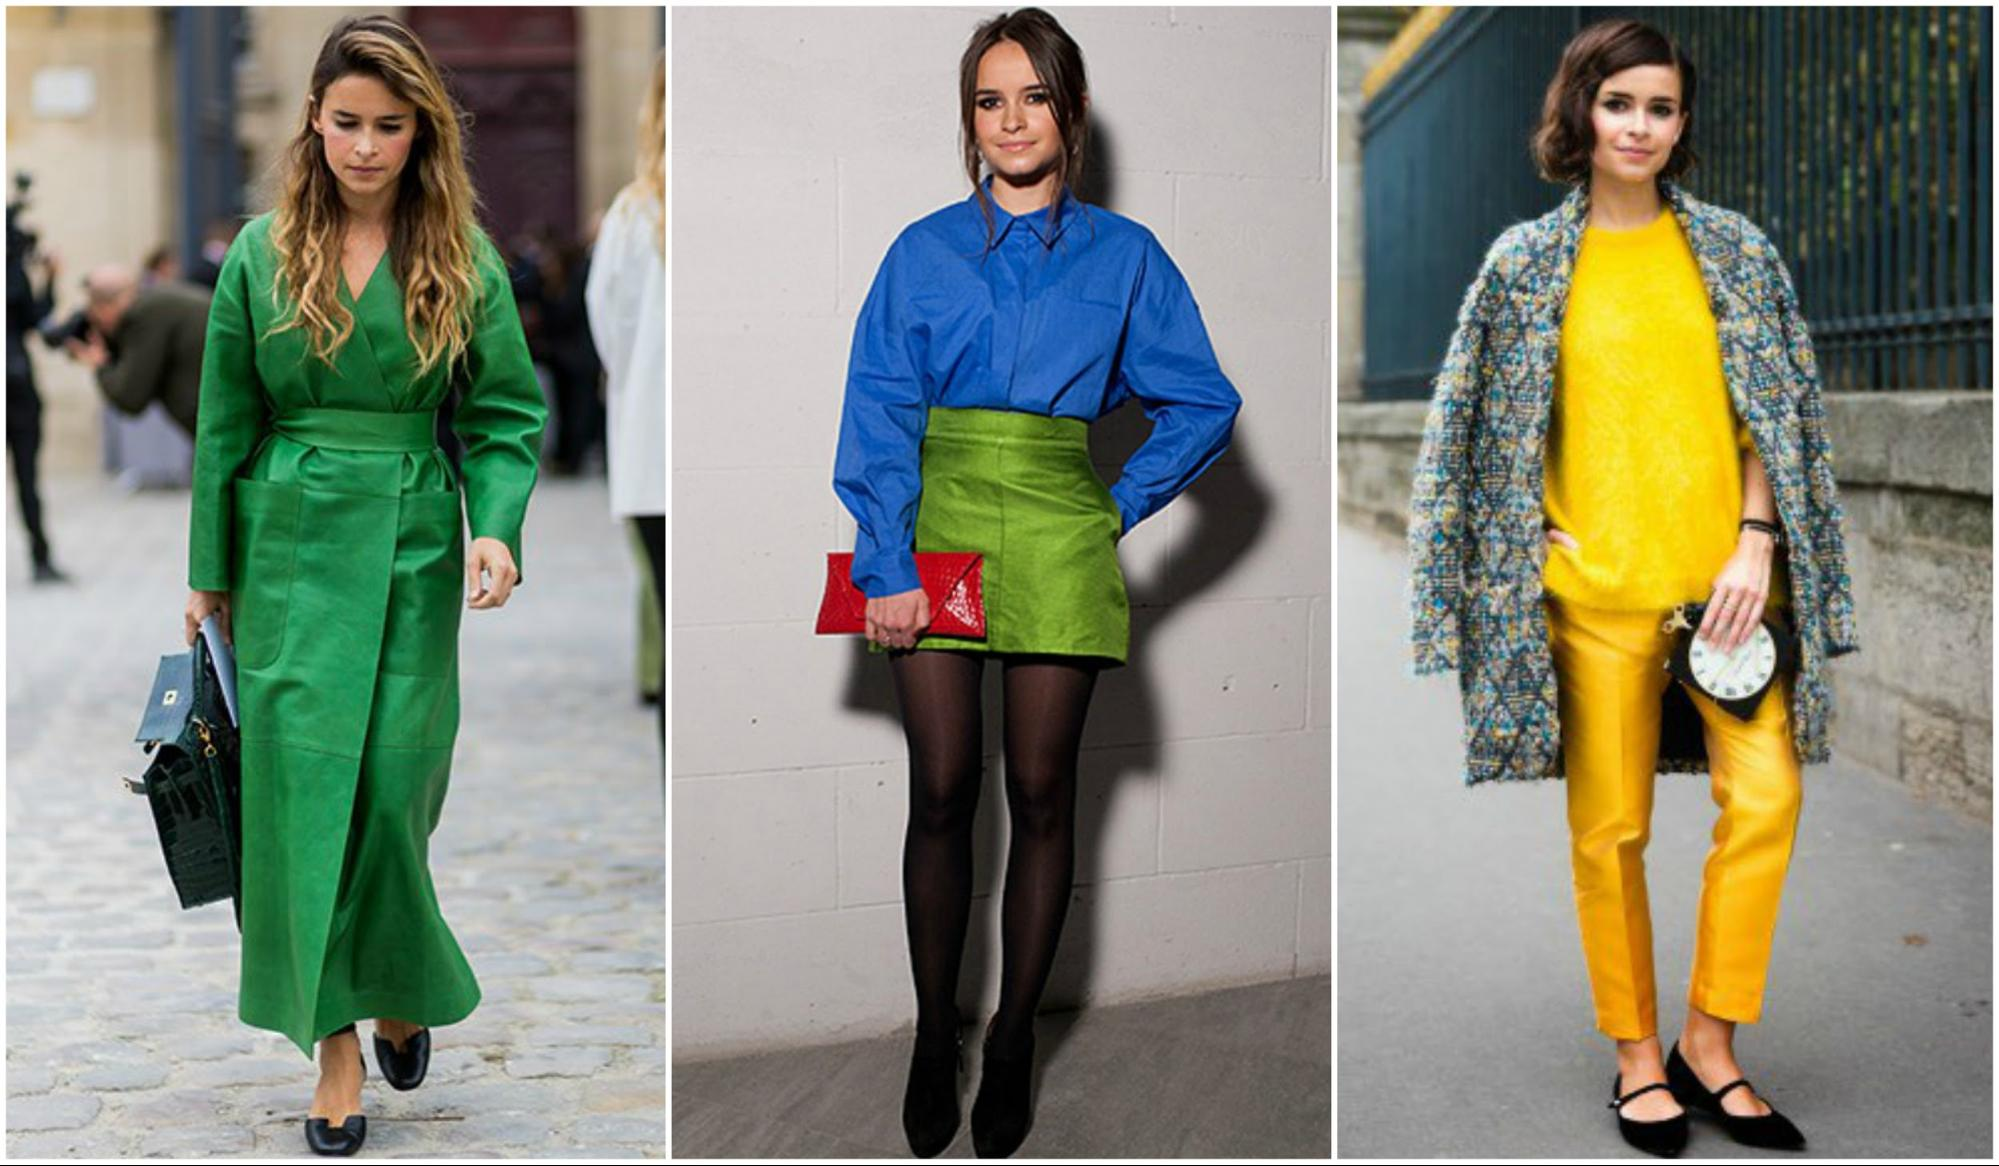 Образ будет полноценным лишь в случае использования лаконичной одежды с минималистическим дизайном